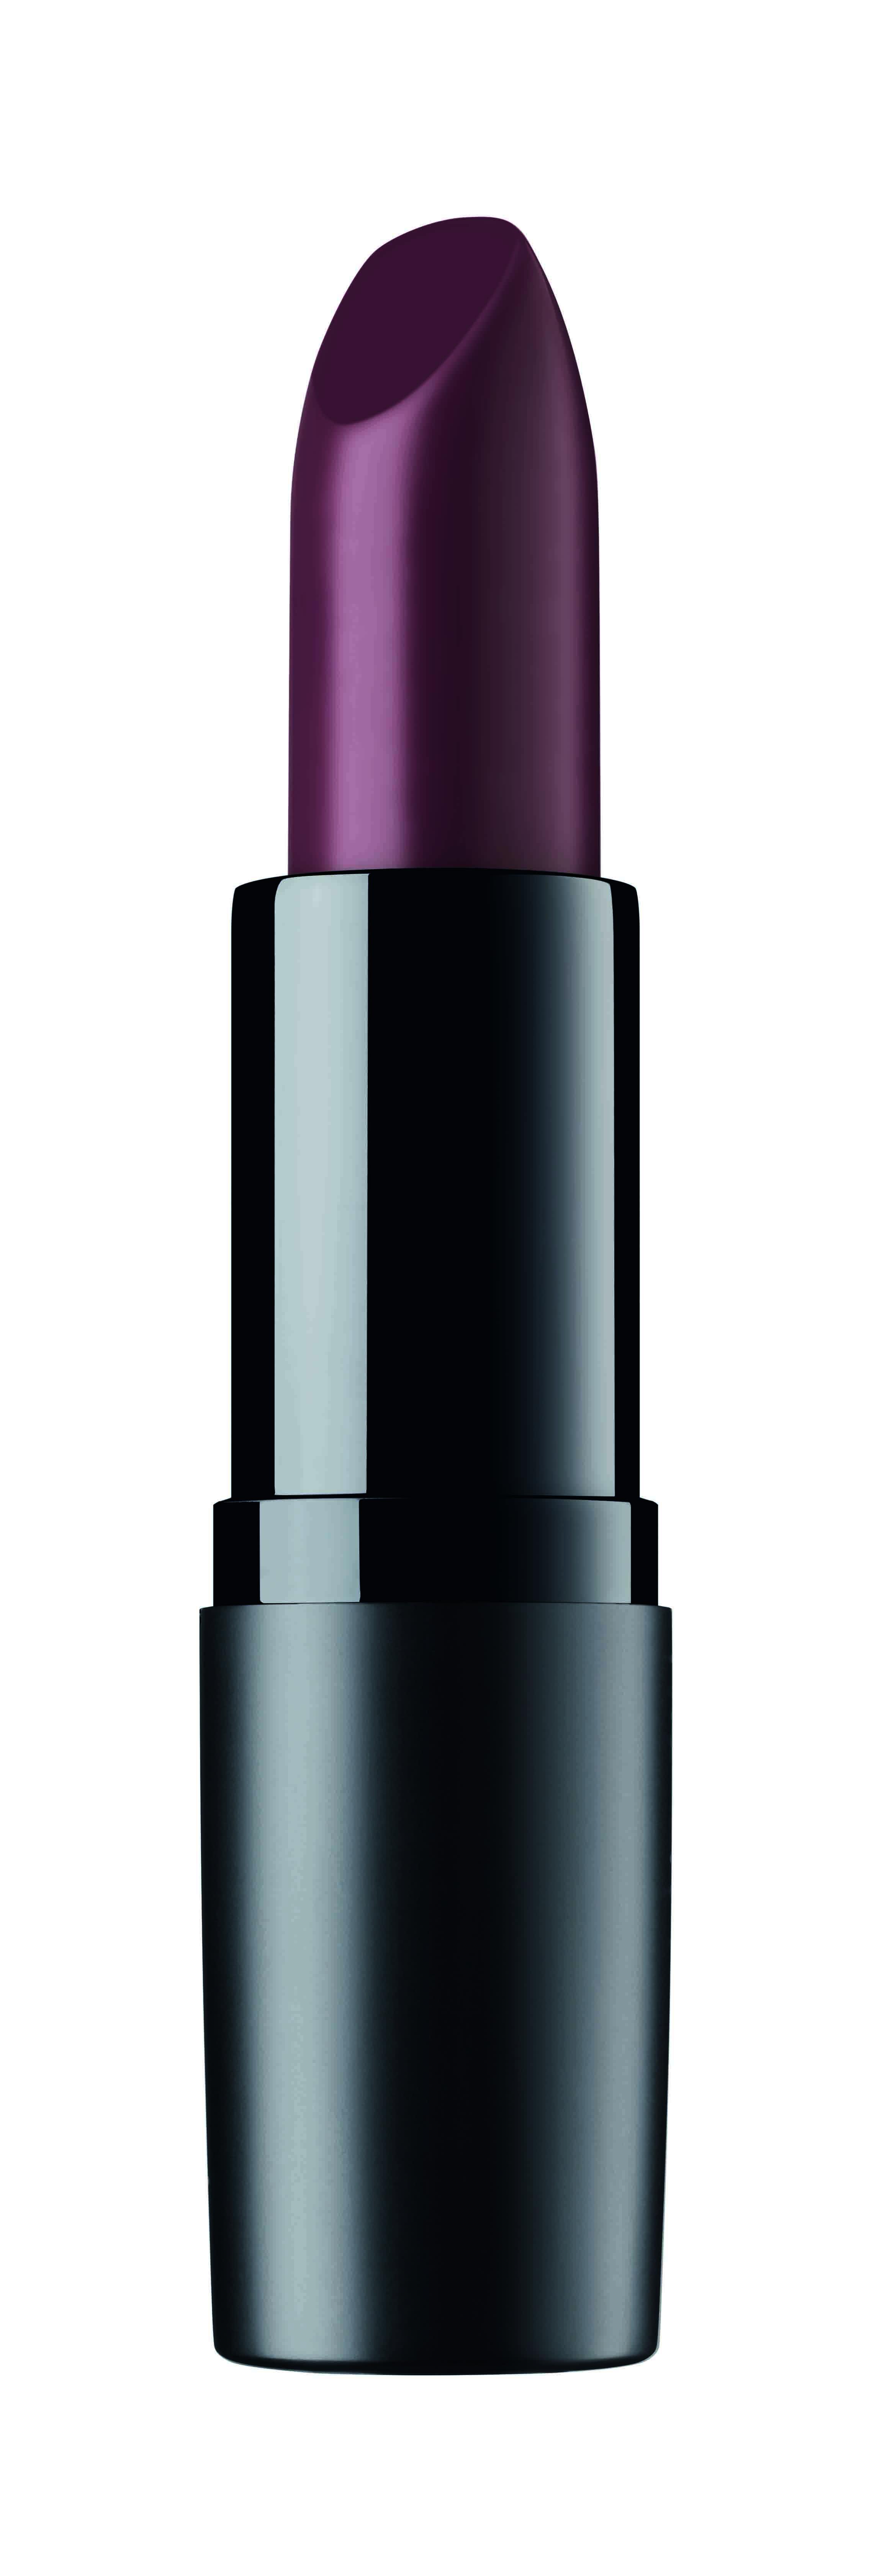 Artdeco помада для губ матовая стойкая Perfect mat lipstick 138 4гSatin Hair 7 BR730MNУстойчивая помада с матовой текстурой - модный эффект и безупречный макияж губ весь день! Благодаря воскам в составе, помада идеально наносится, равномерно распределяется и не растекается за контуры губ. Интенсивный цвет и бархатная матовая текстура помогают создать яркий и соблазнительный макияж губ.